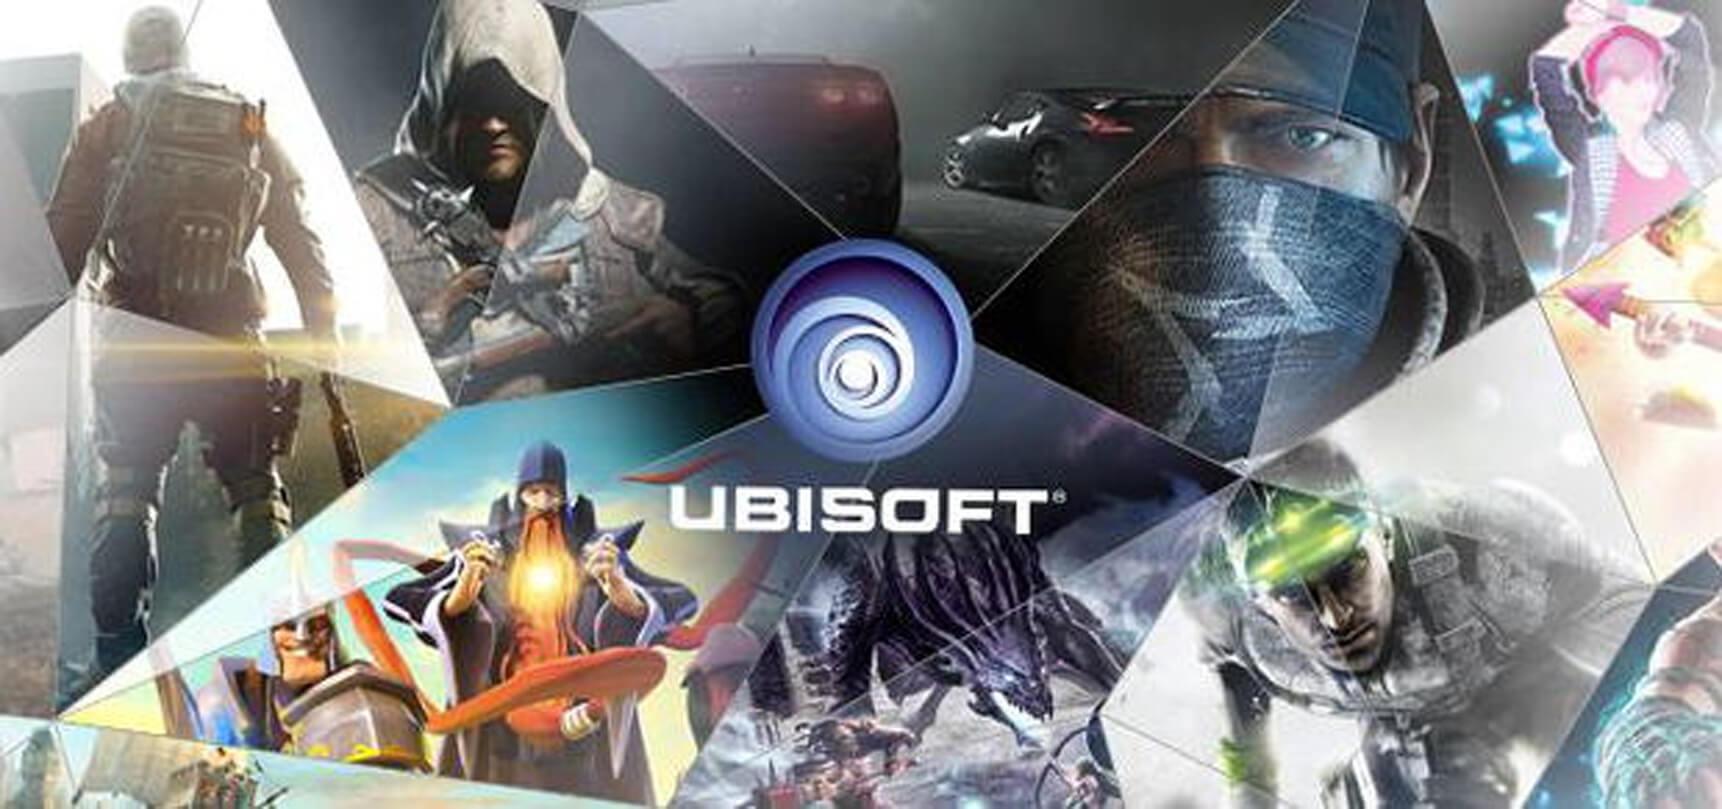 Ubisoft jocuri gratis